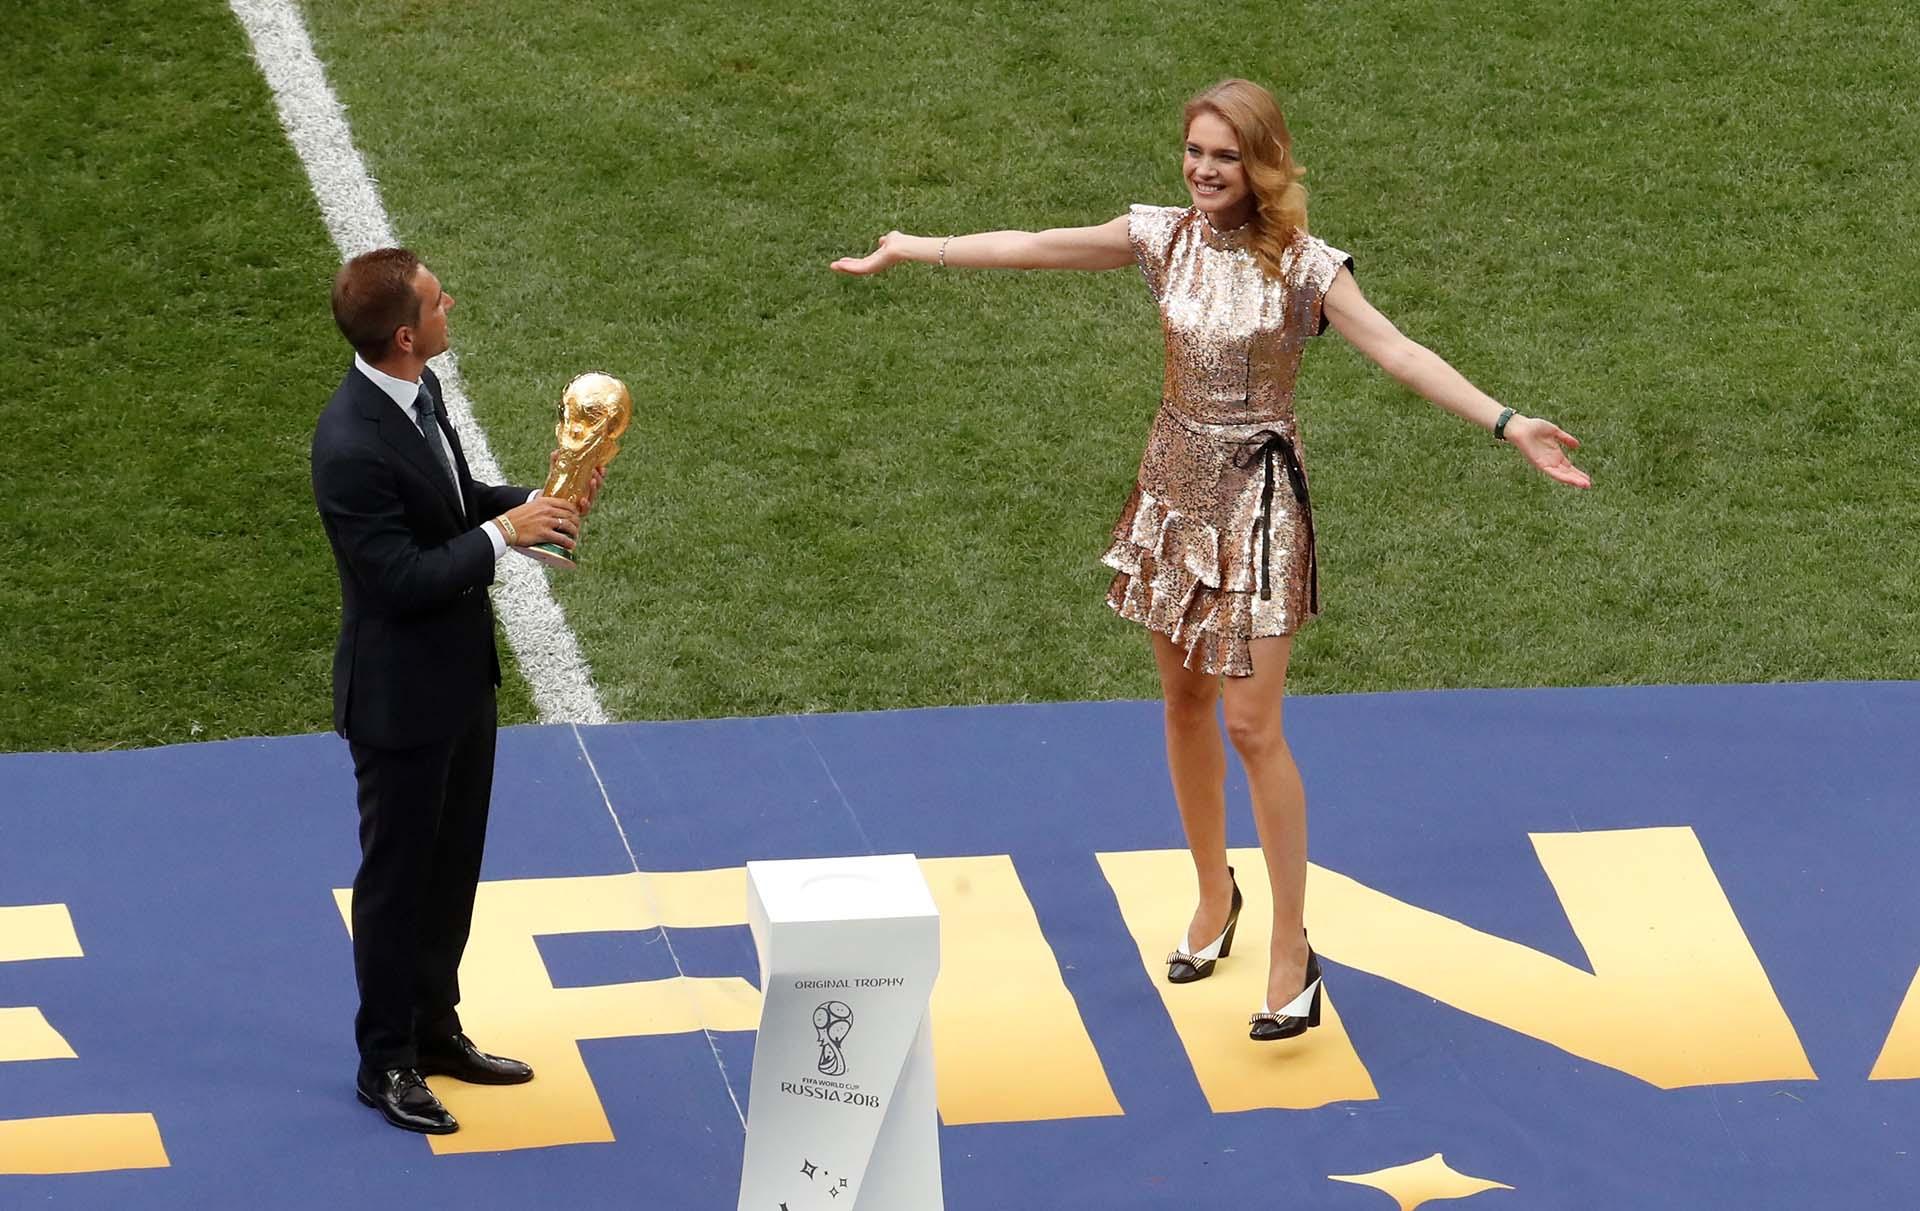 El ex futbolista alemán Philipp Lahm y la modelo rusa Natalia Vodianova llevaron la Copa